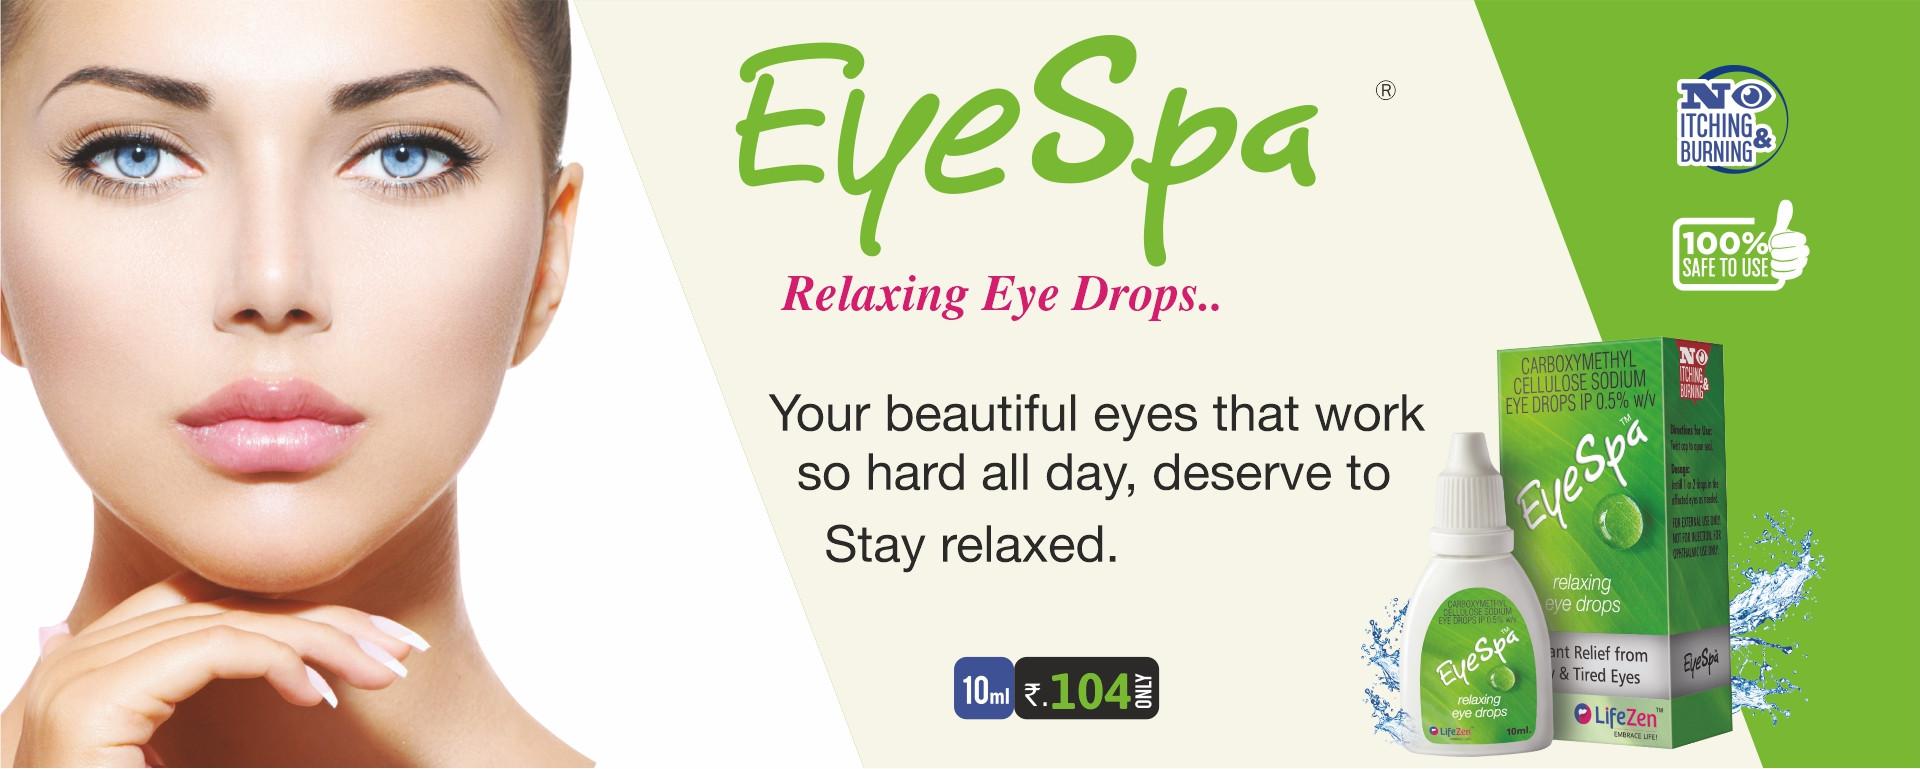 Eyespa 1920 X 7681.jpg